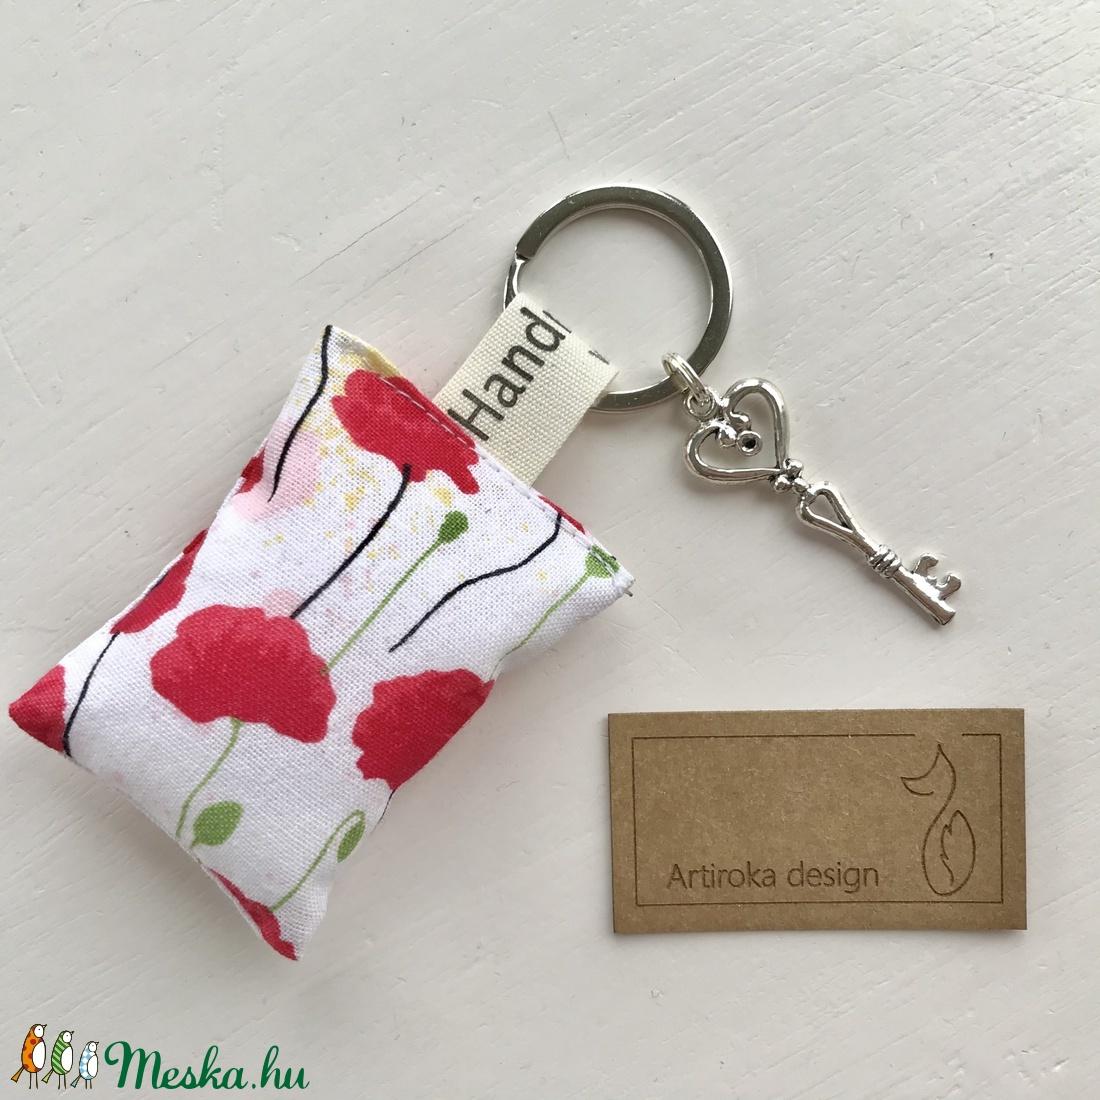 Pipacs virág mintás, egyedi kulcstartó, vintage kulcs dísszel - Artiroka design  - táska & tok - kulcstartó & táskadísz - kulcstartó - Meska.hu